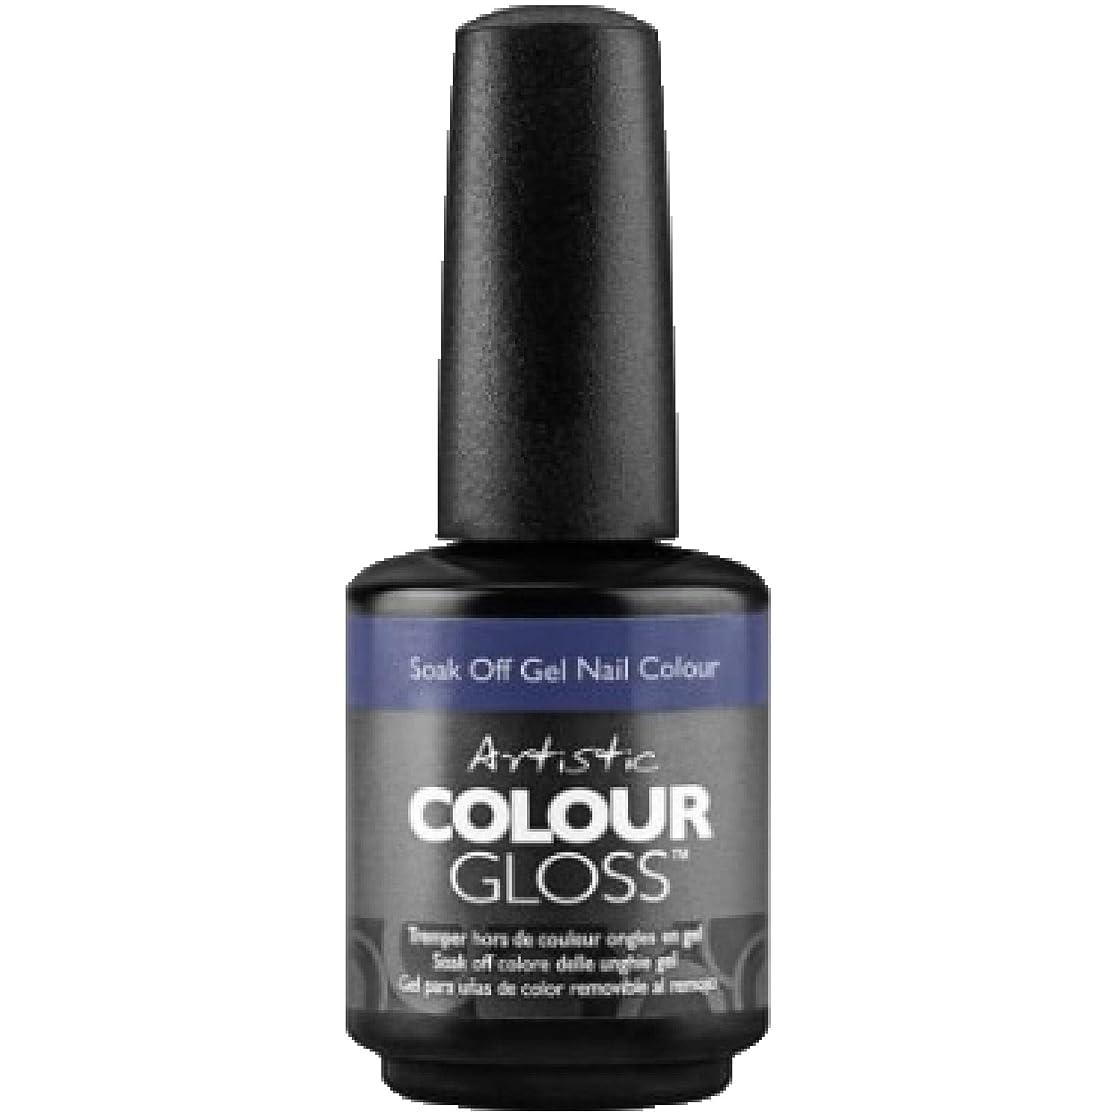 相続人匹敵します無謀Artistic Colour Gloss - War Party - 0.5oz/15ml